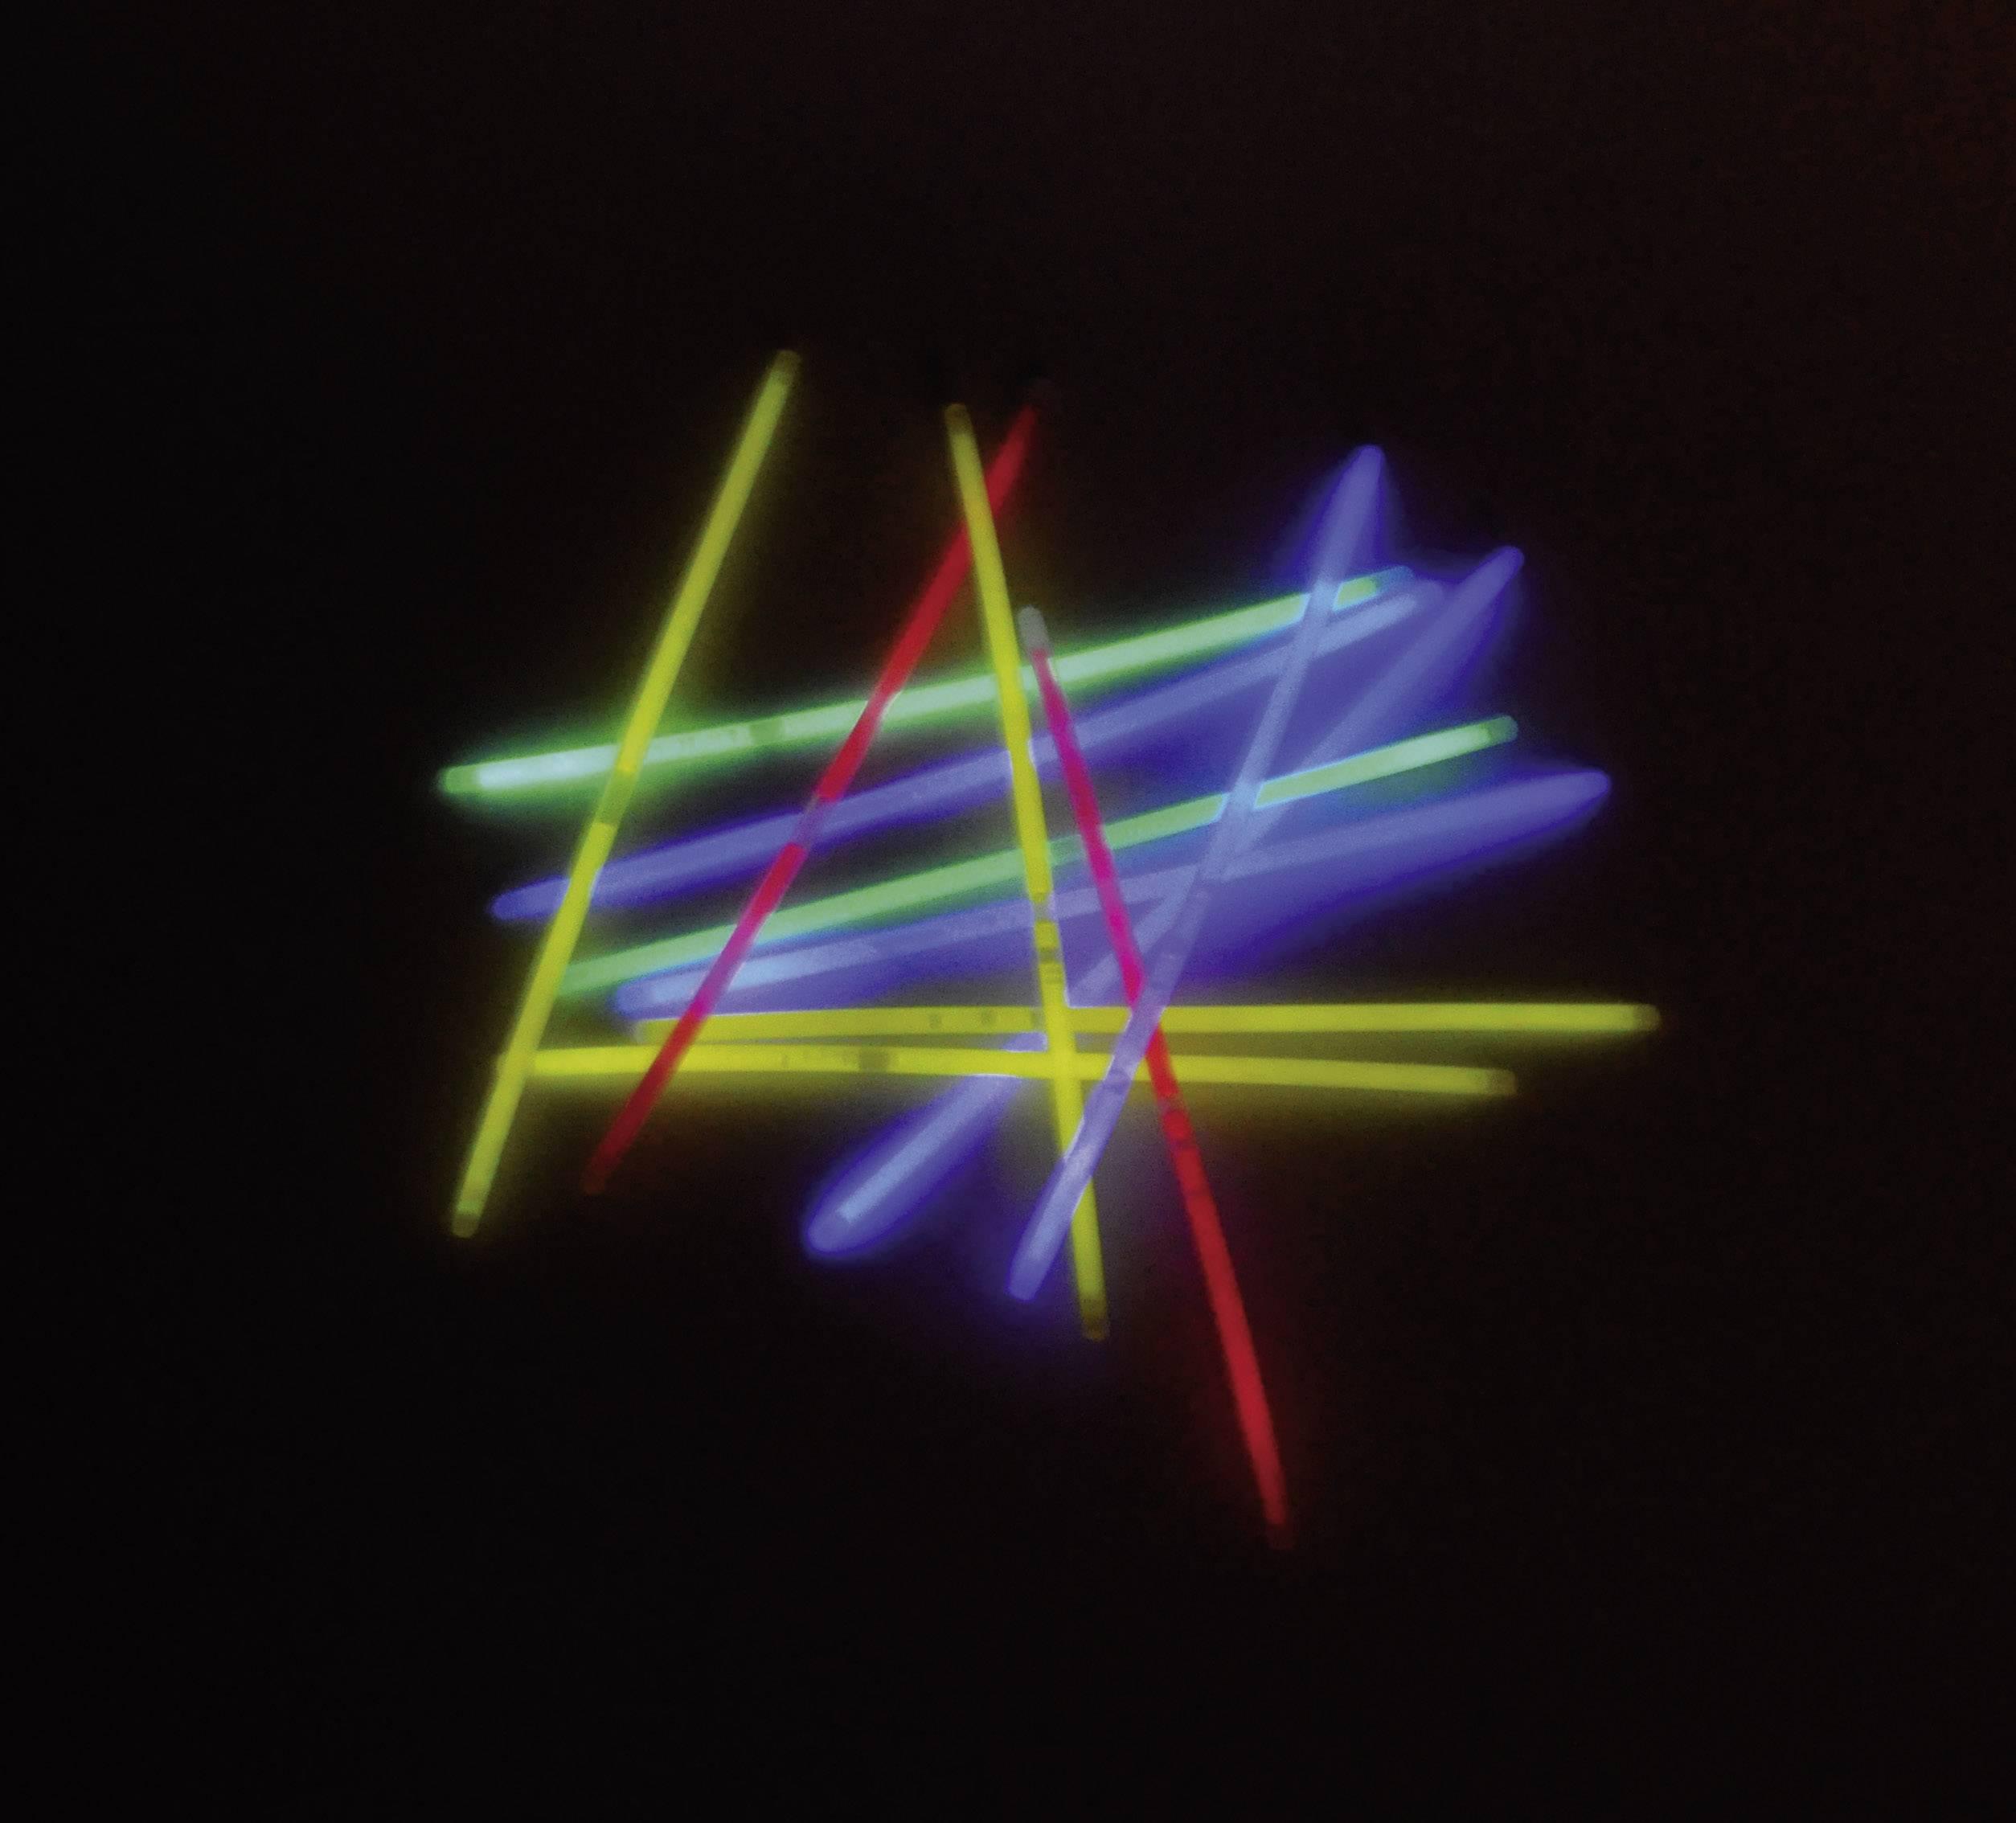 Súprava svietiacich tyčí Snappy 700084, 20 cm, 50-dielna, farebná